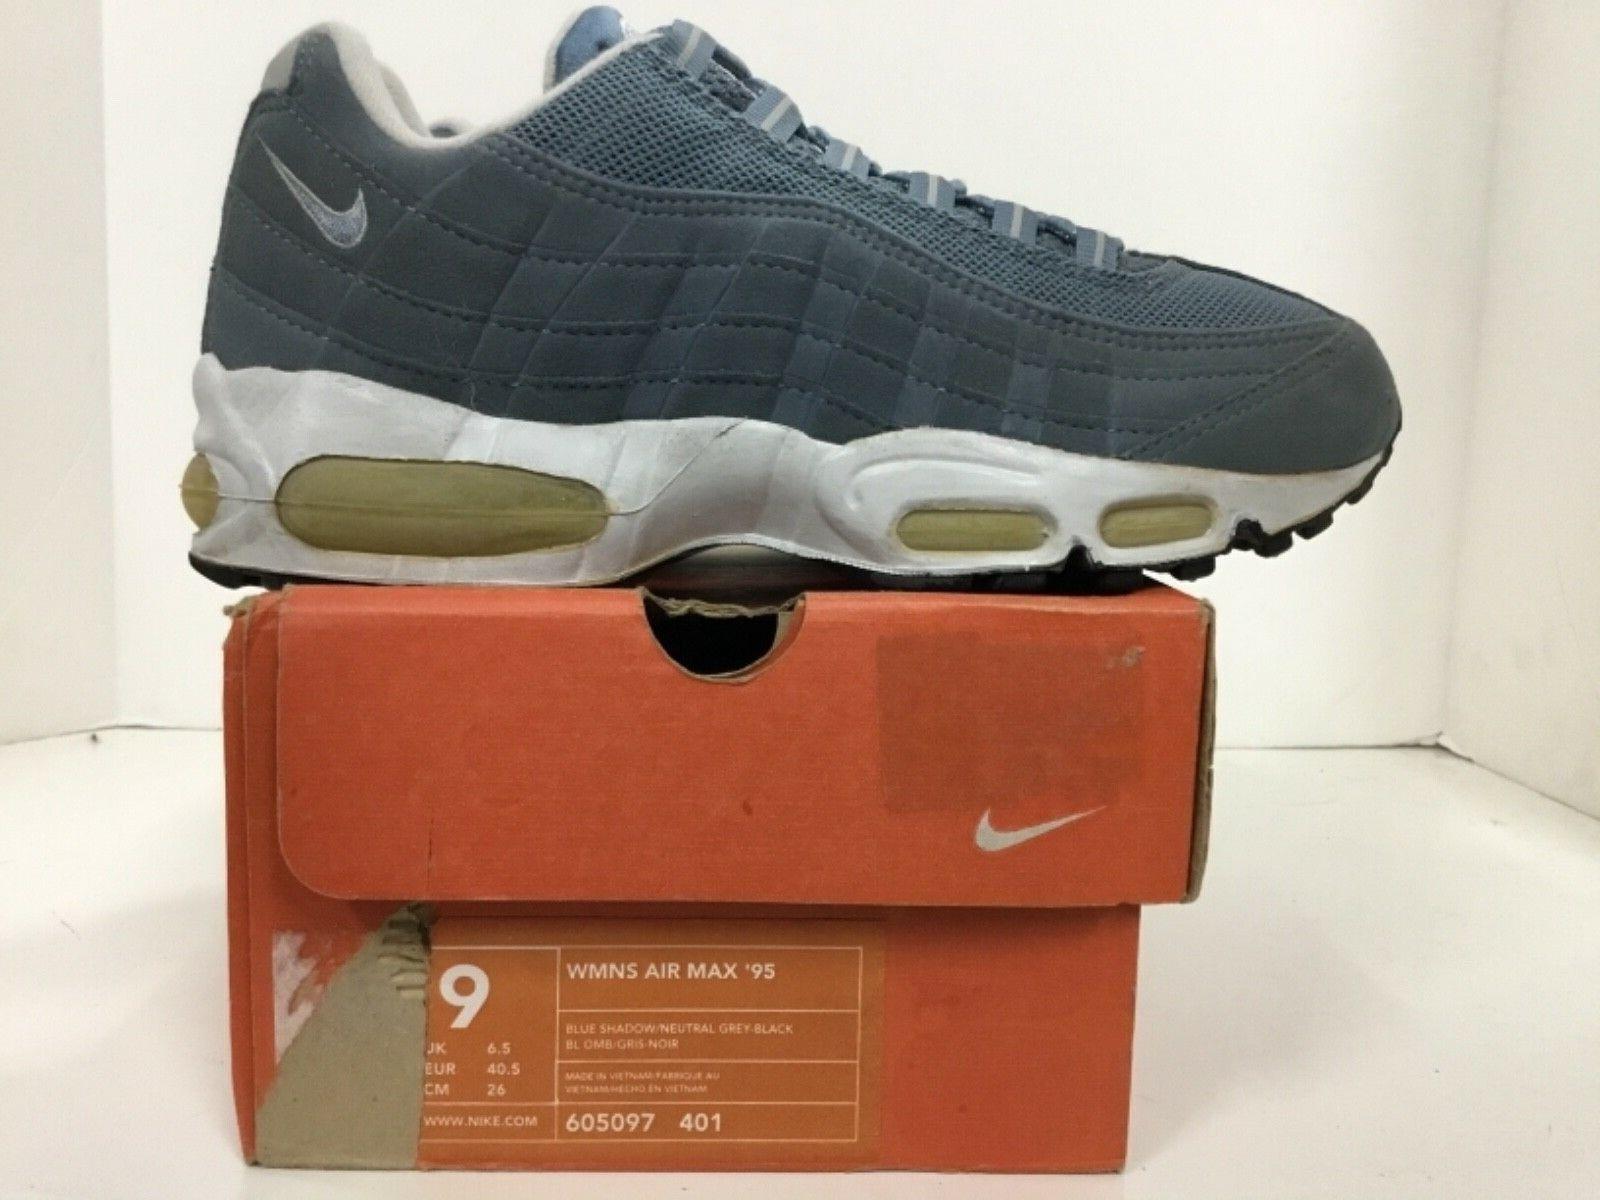 Nike Nike Nike Air Max 95 kvinnor hell 65533;65533; s Style 35; 605097 401 Storlek 9  snabb frakt och bästa service